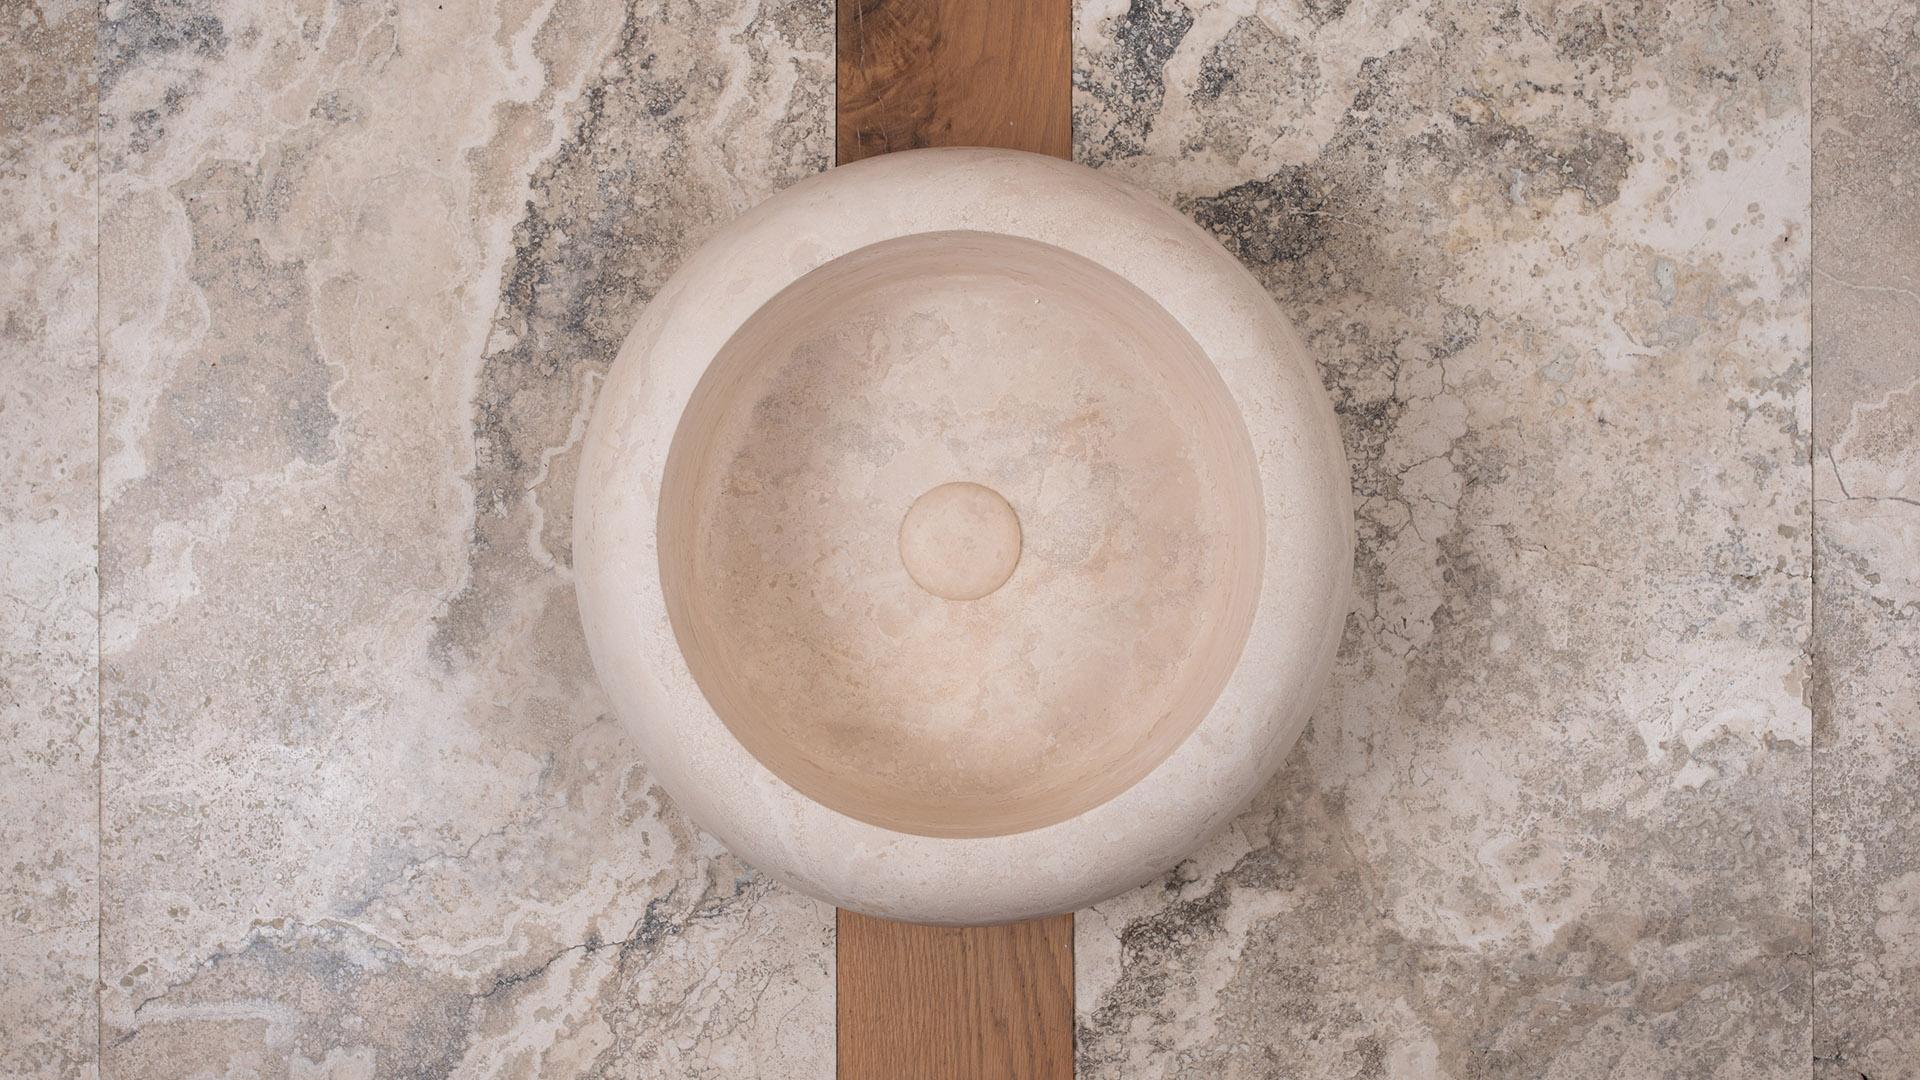 Vasca Da Bagno Piccola Dwg : Lavabi da appoggio dwg: lavabo bagno dwg plafoniera led design